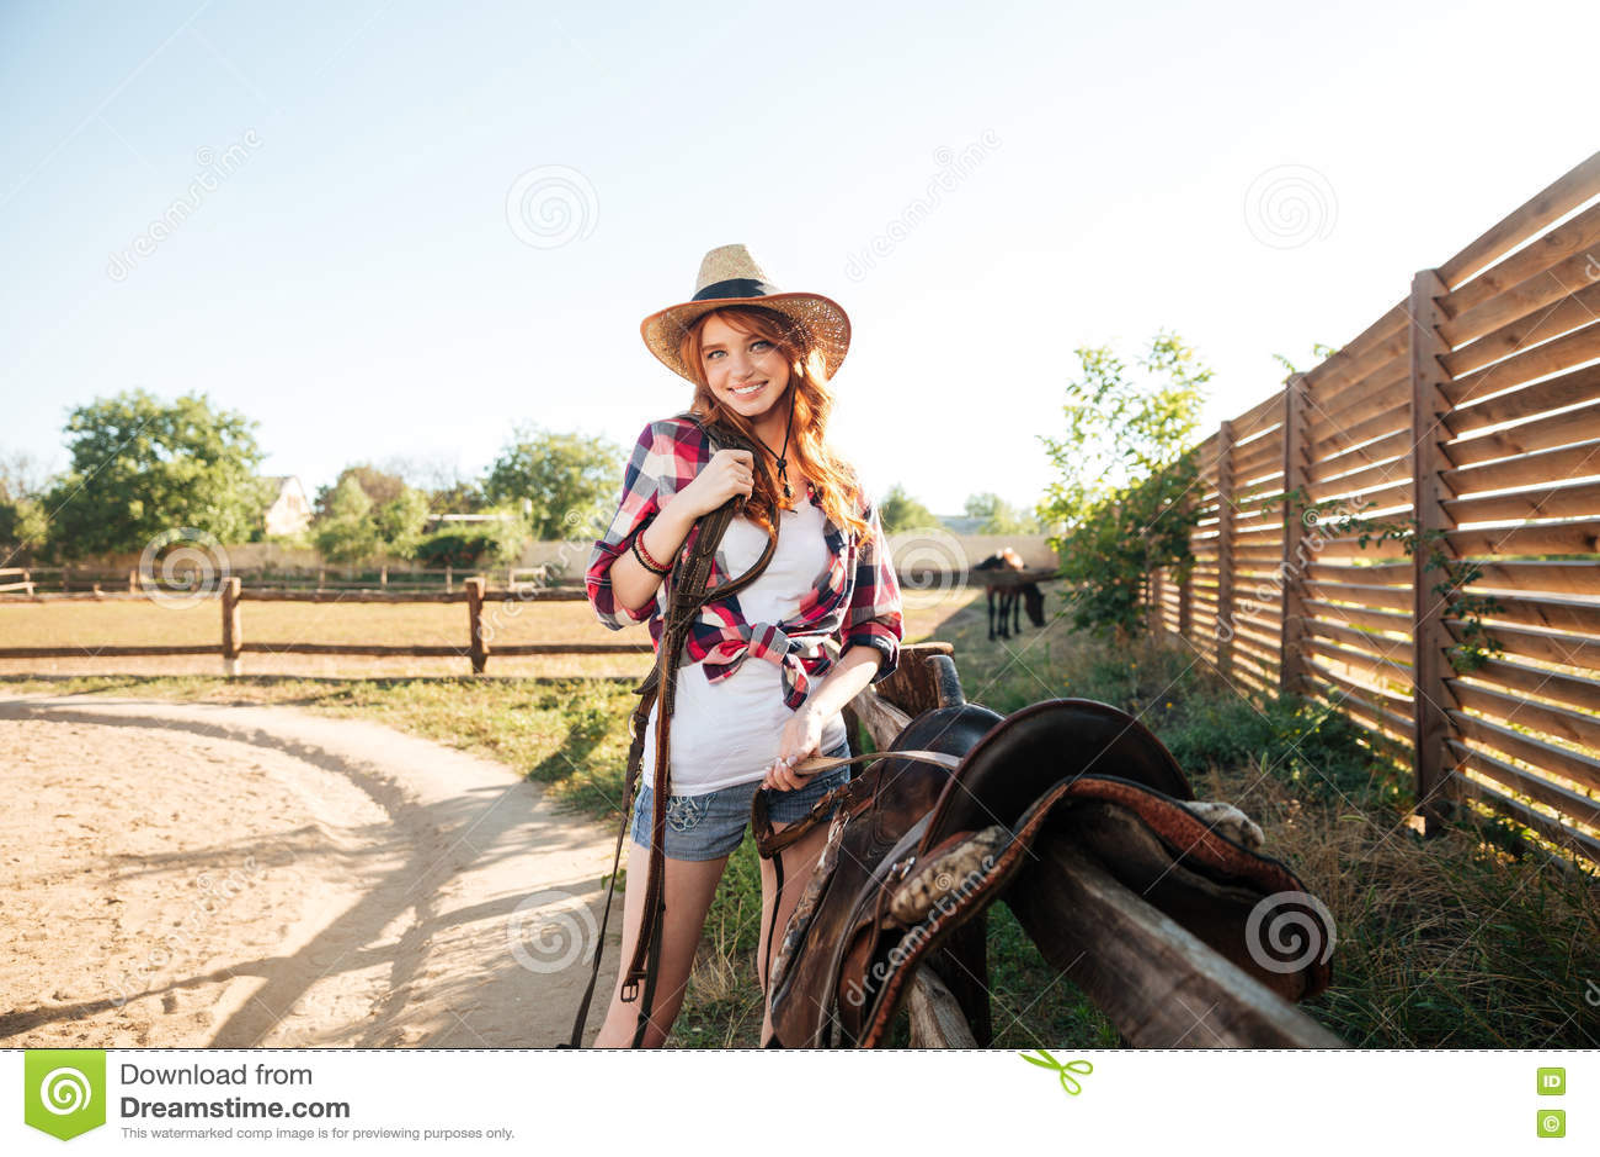 Εύθυμο χαμόγελο cowgirl προετοιμάζοντας τη σέλα αλόγων για έναν γύρο